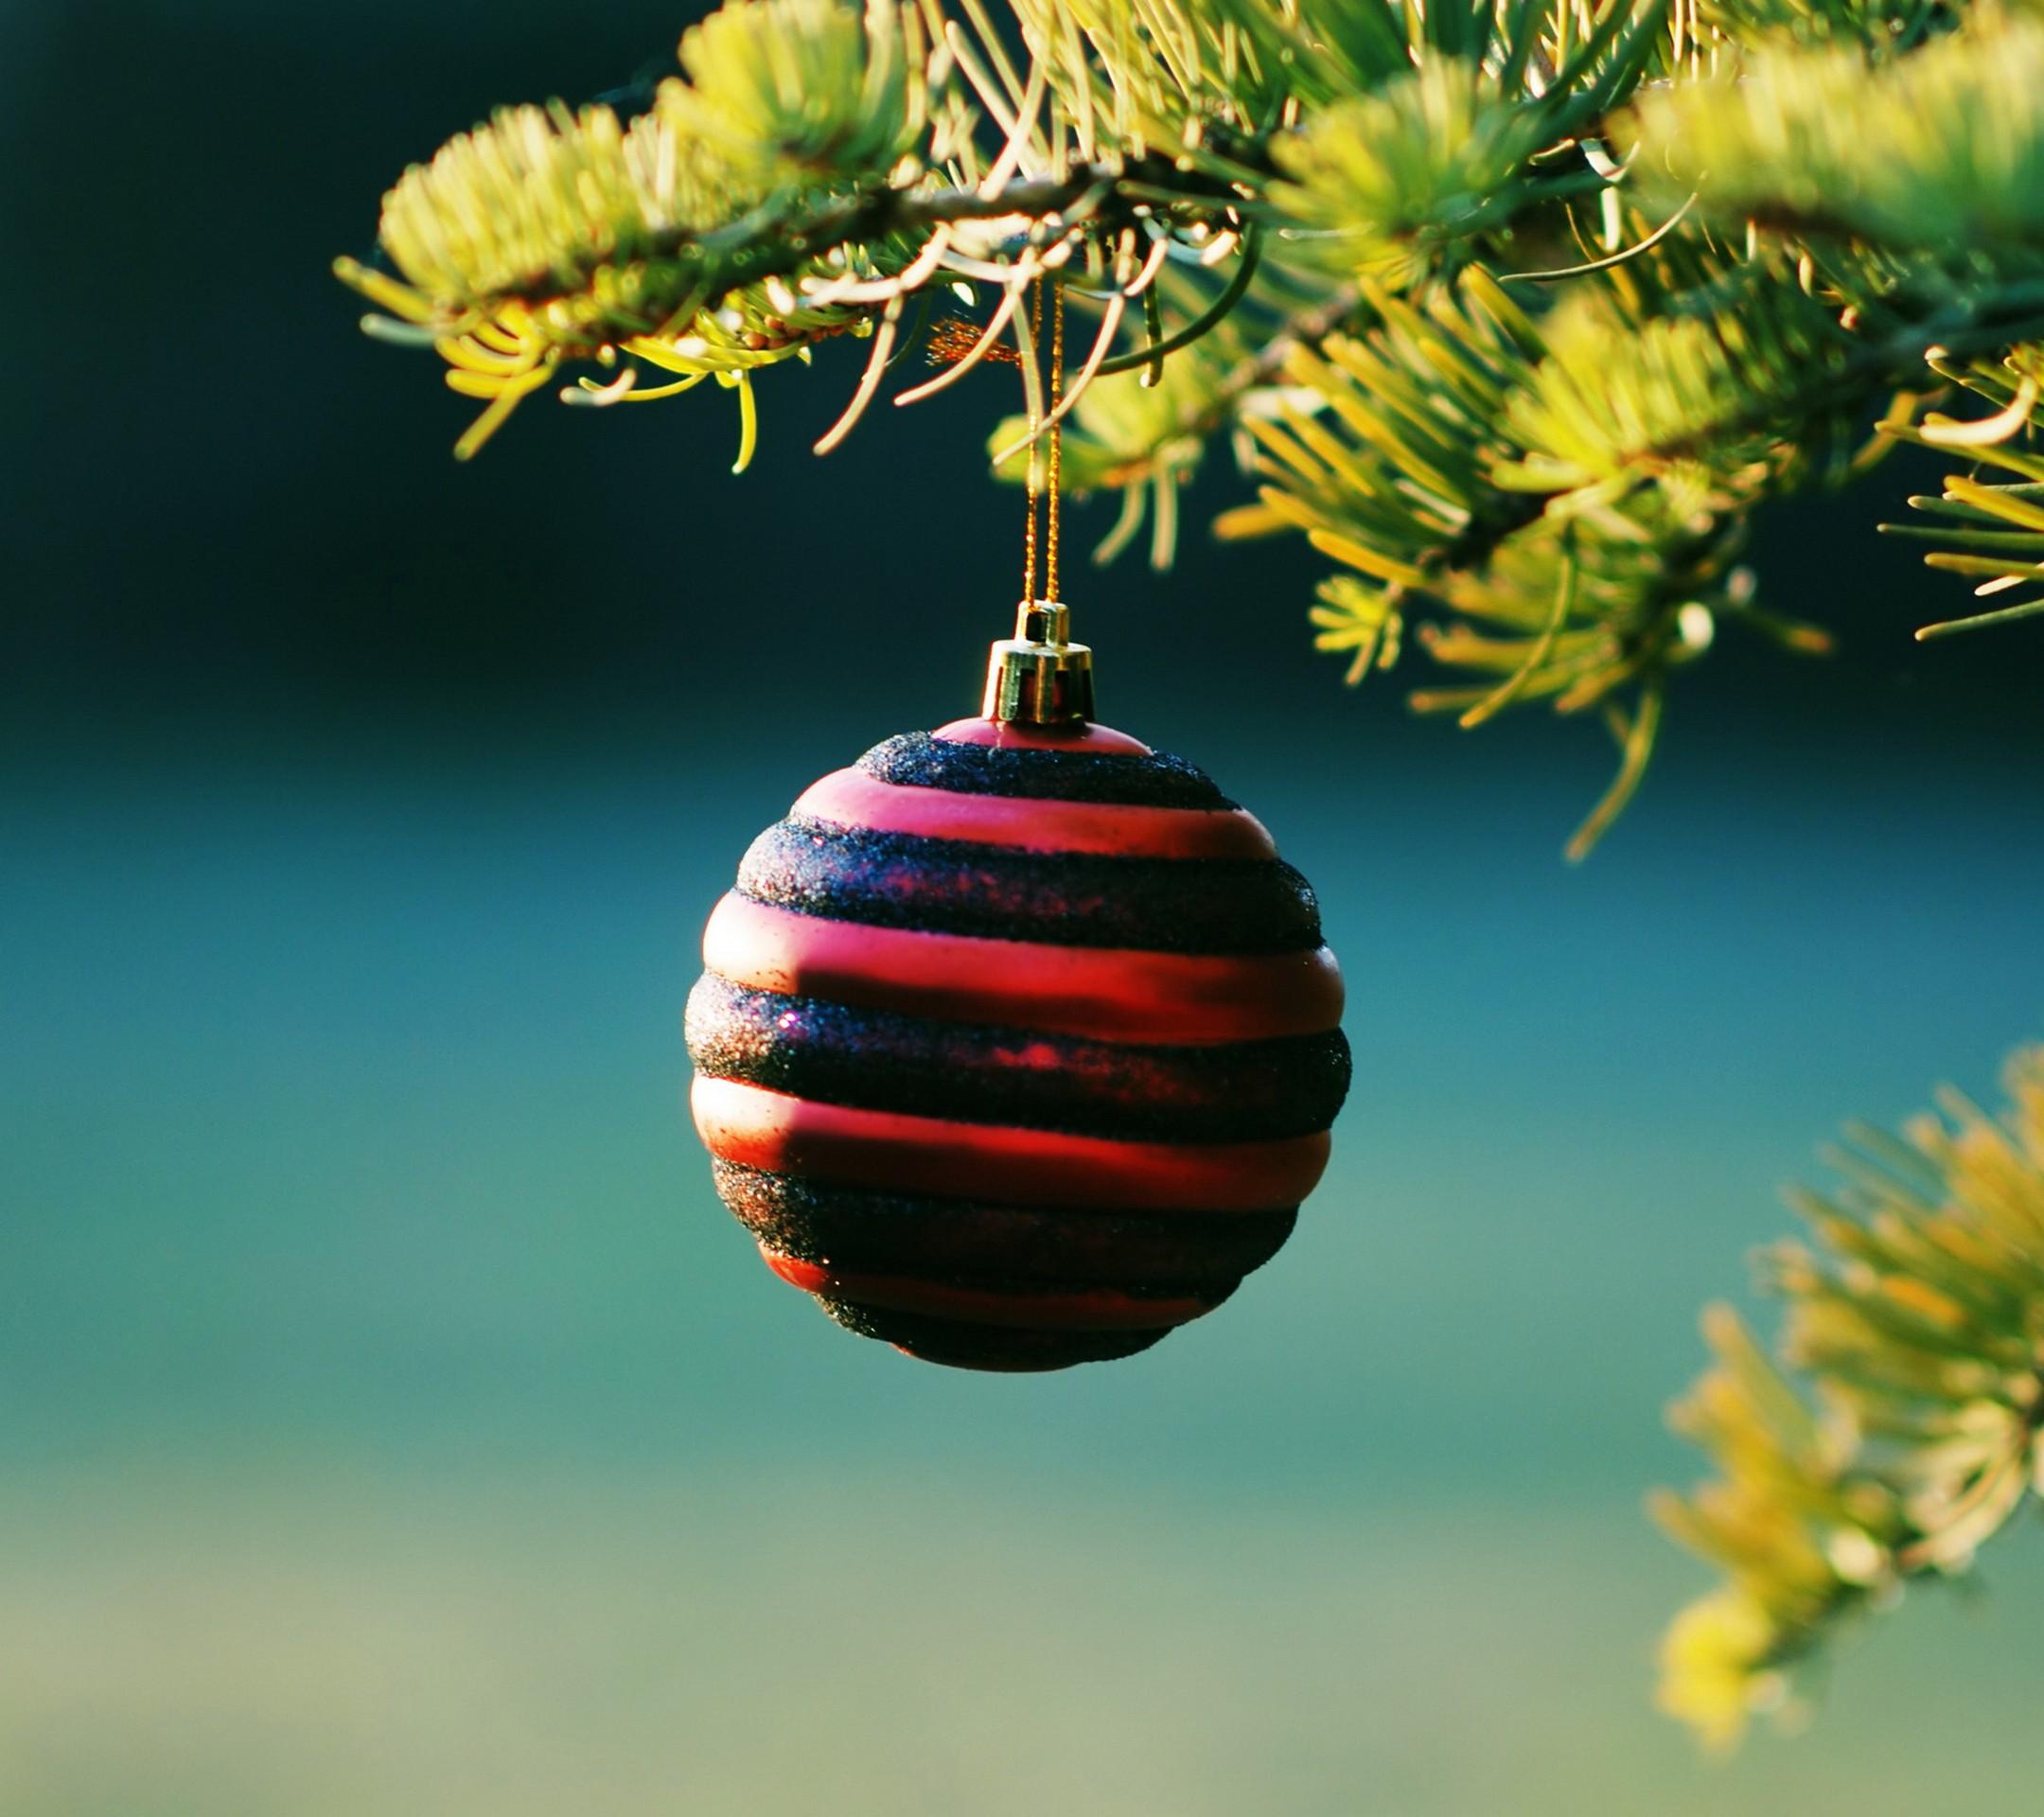 Masaüstü : Ağaçlar, Şube, yeşil, Noel ağacı, Noel süsleri ...